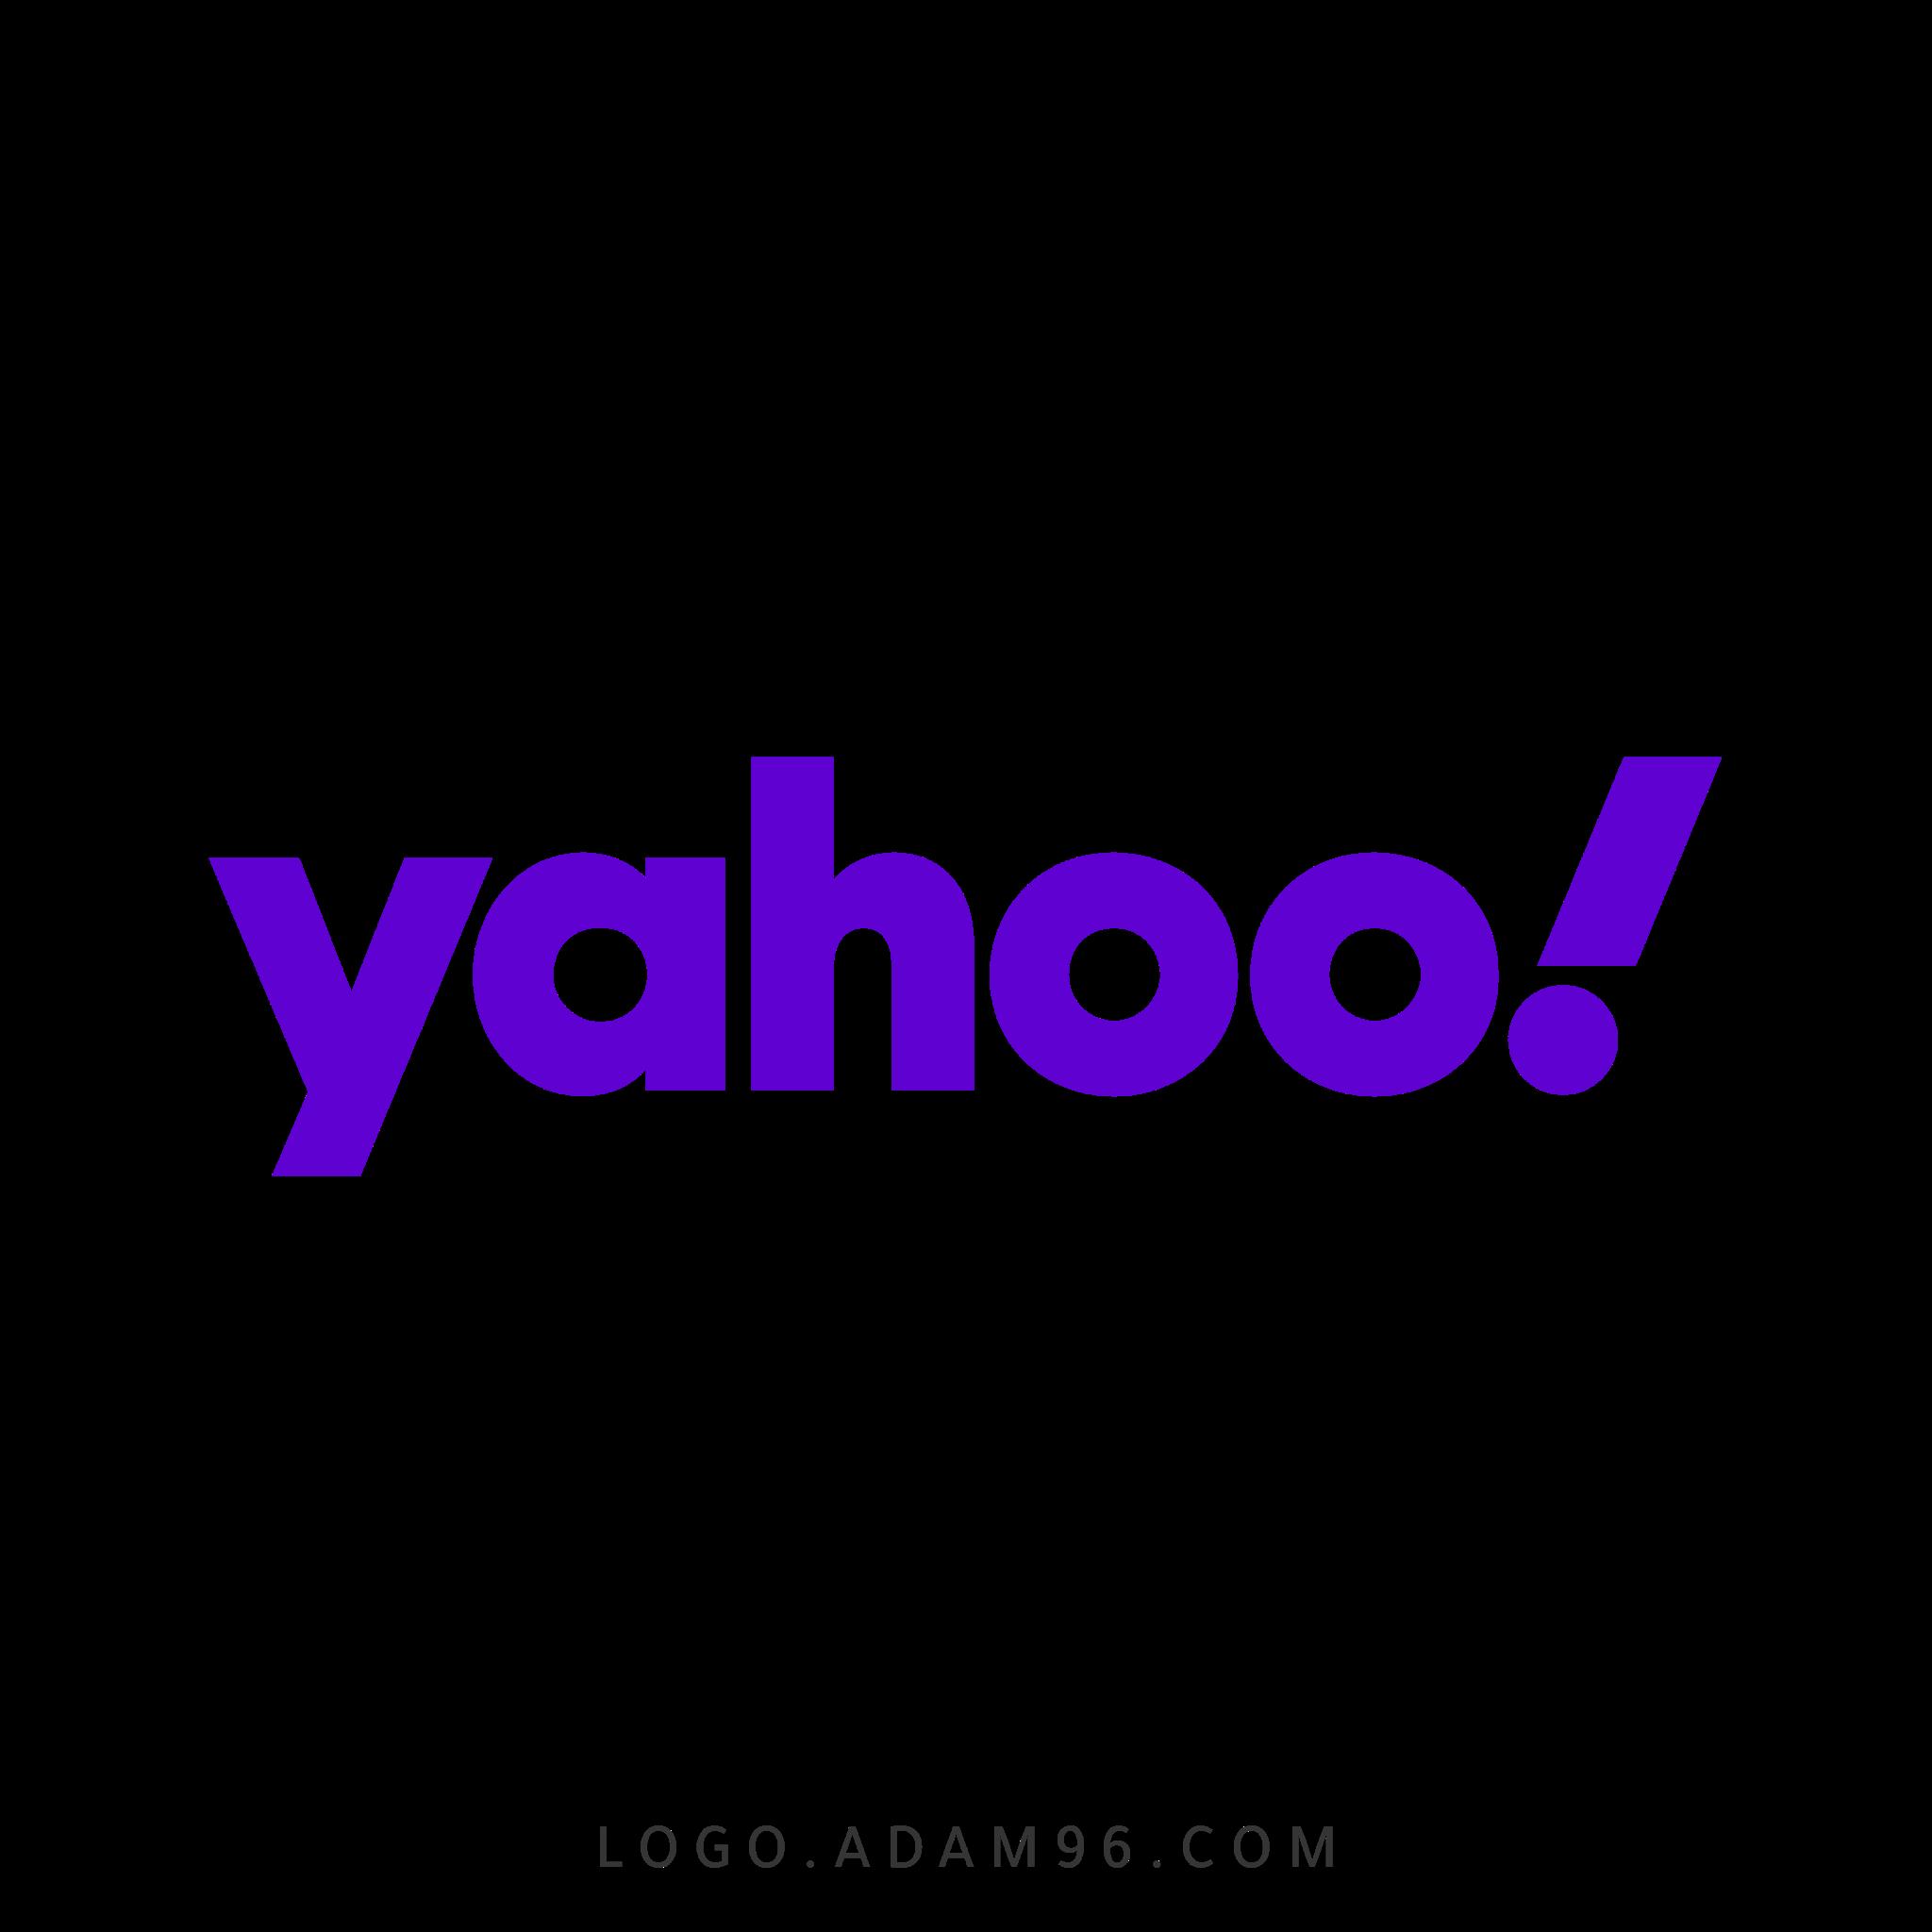 تحميل شعار محرك بحث ياهو لوجو رسمي بصيغة شفافة PNG